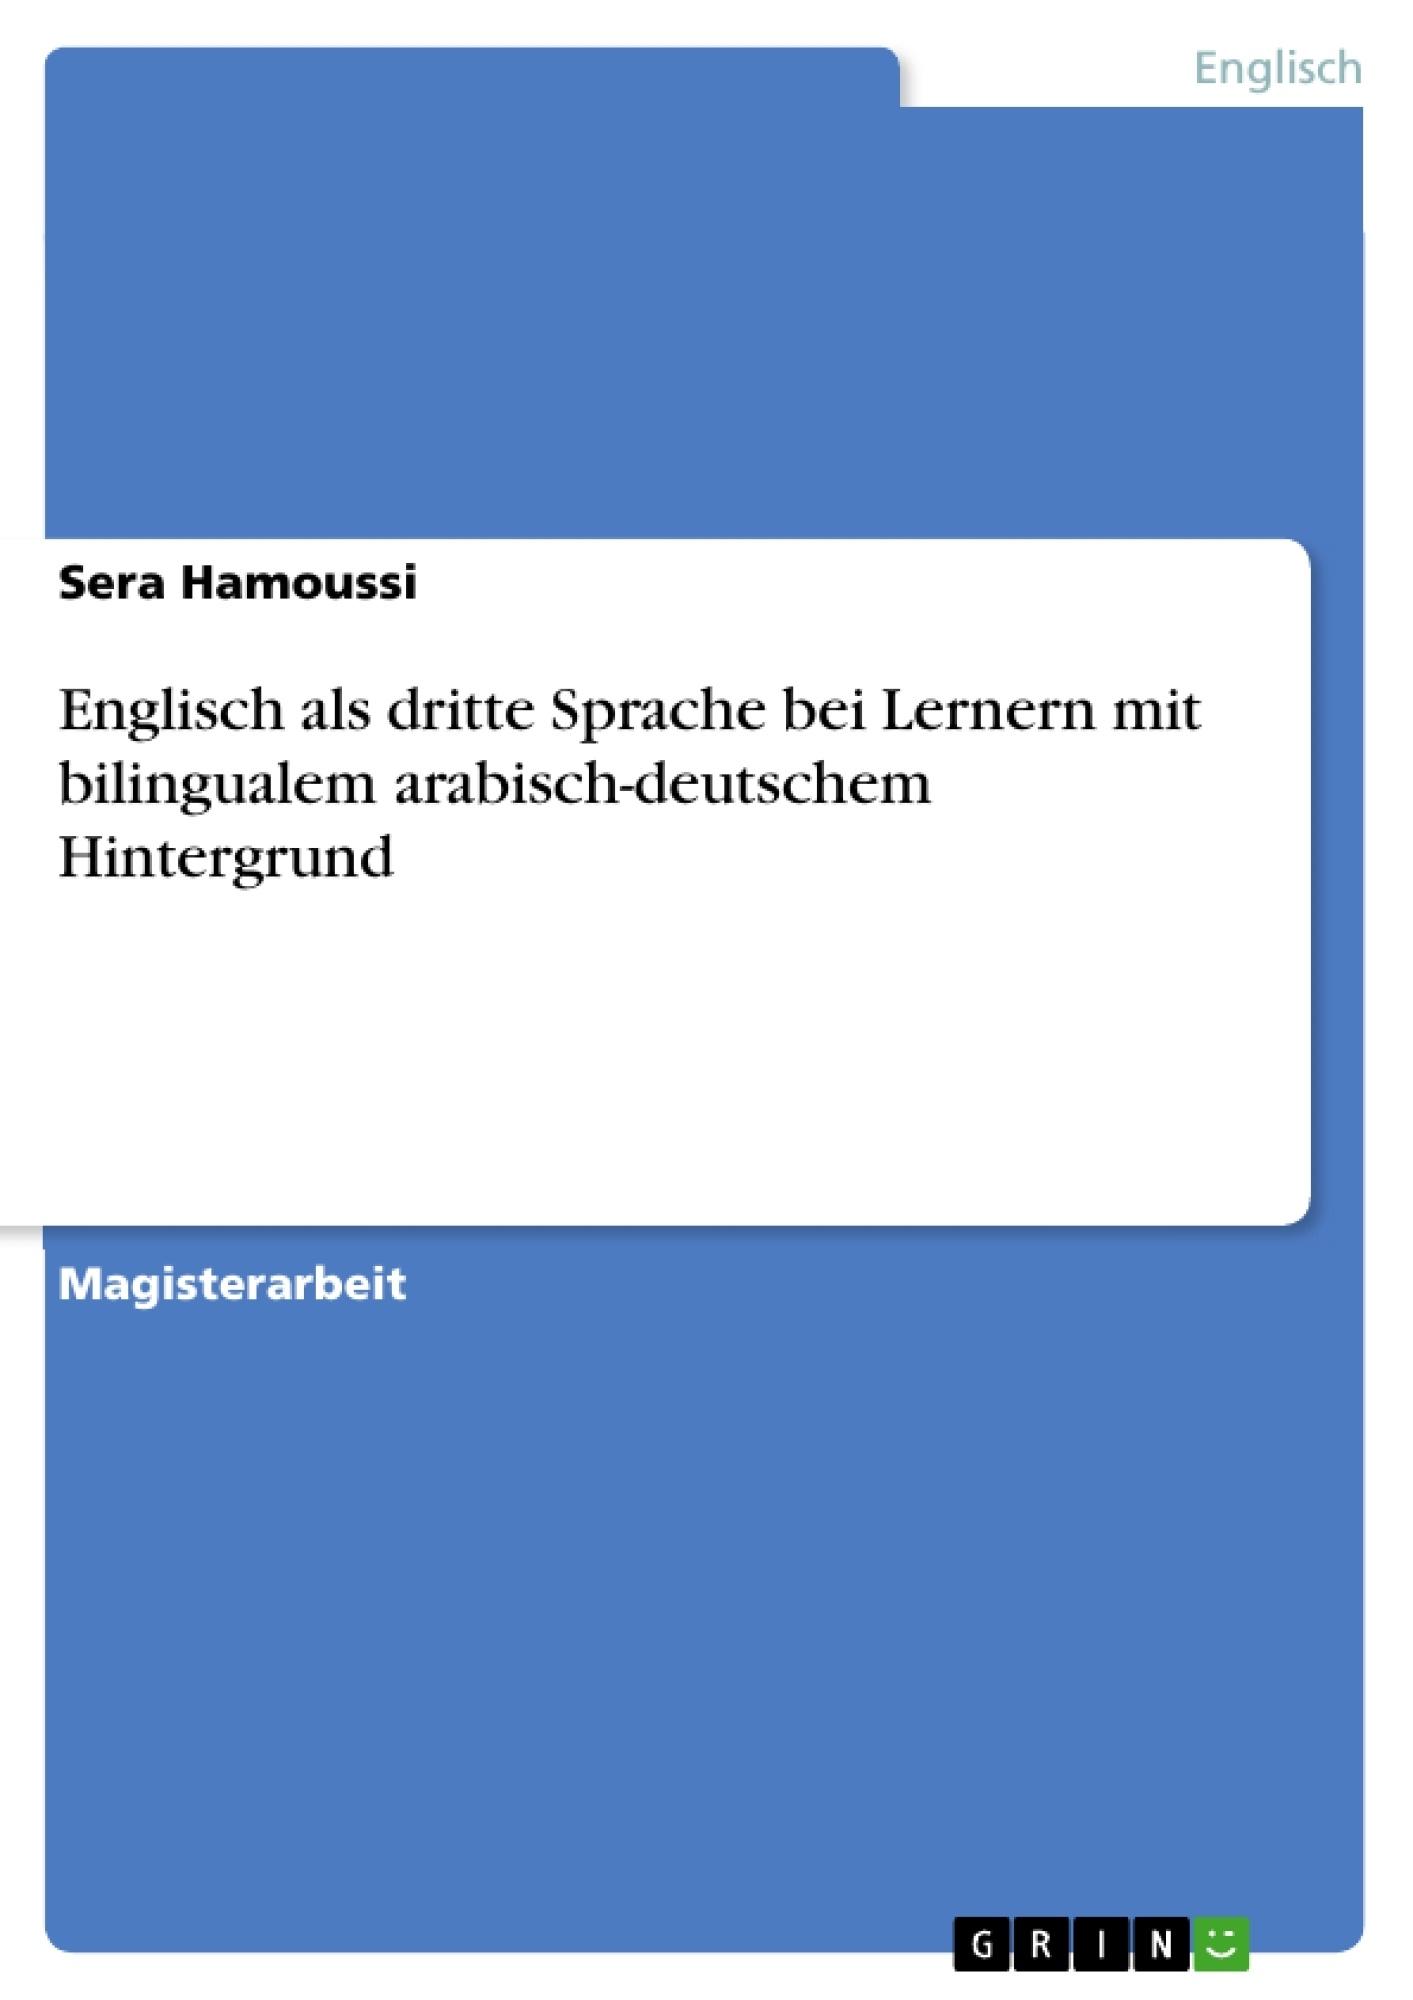 Titel: Englisch als dritte Sprache bei Lernern mit bilingualem arabisch-deutschem Hintergrund